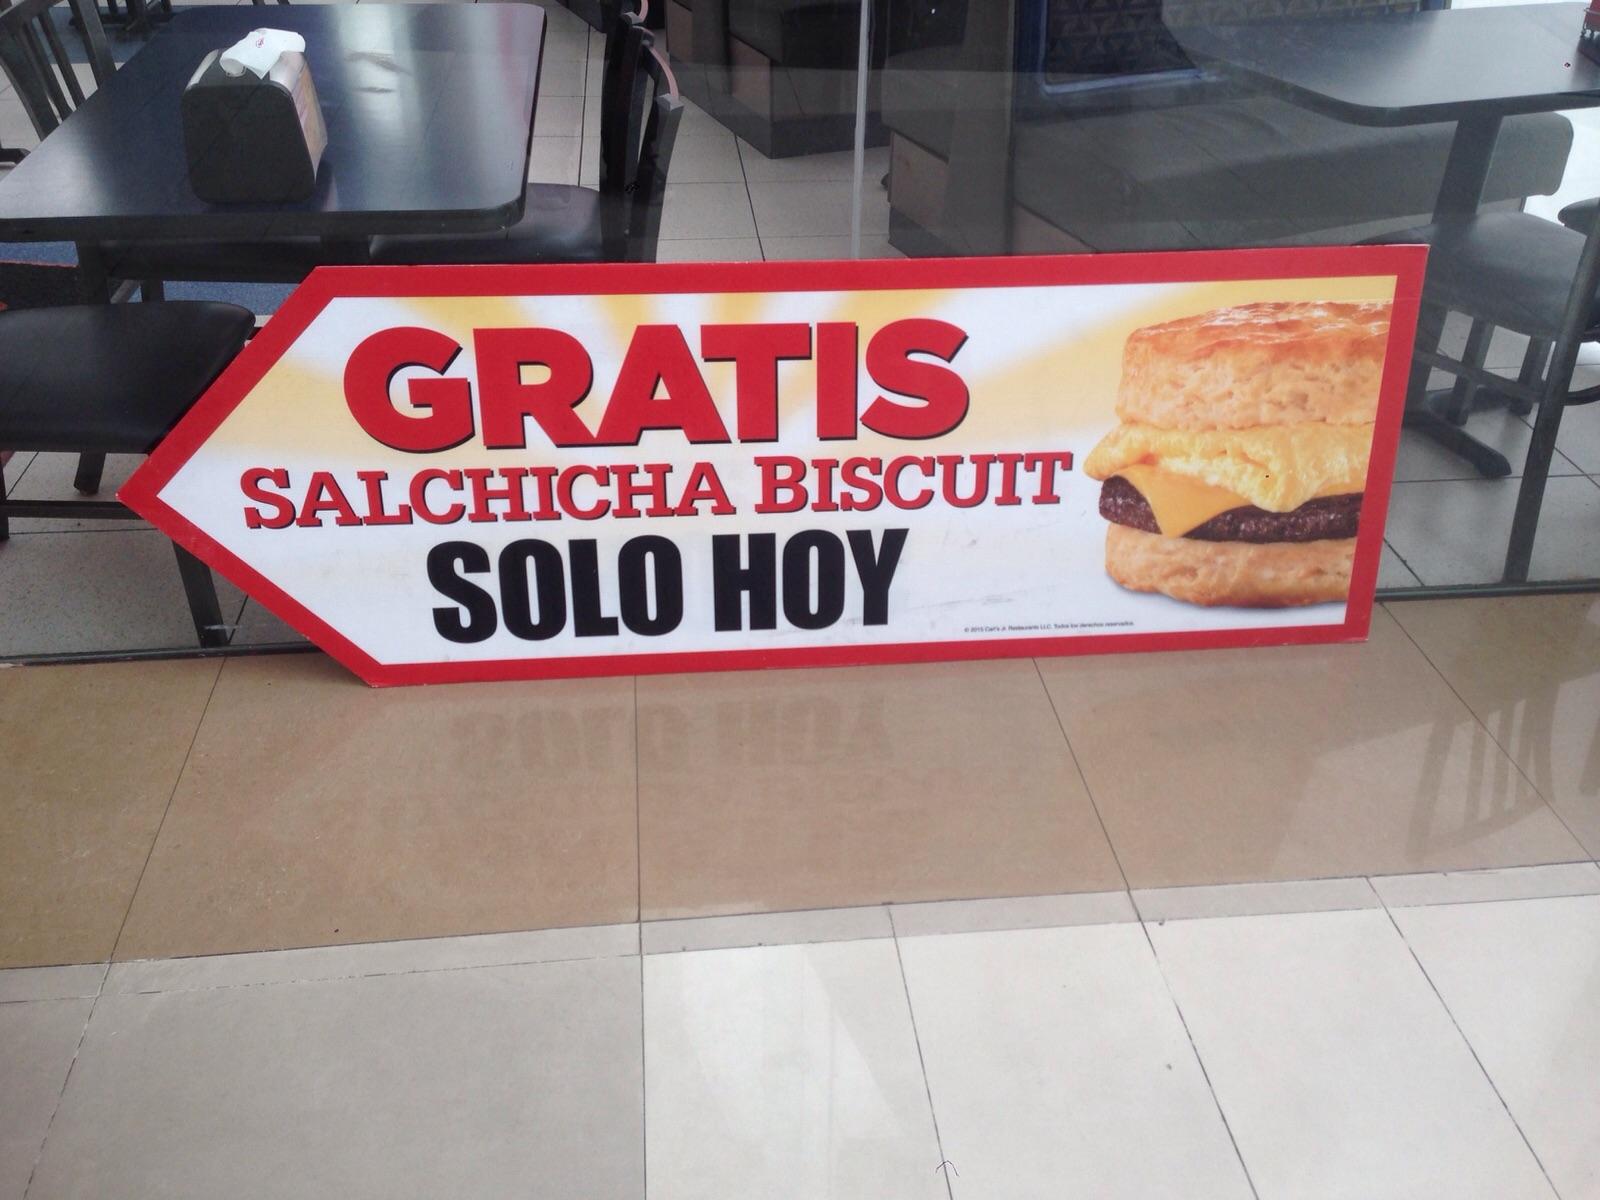 Salchicha biscuit gratis Carl's jr sin comprar nadaaa!!! (DF)